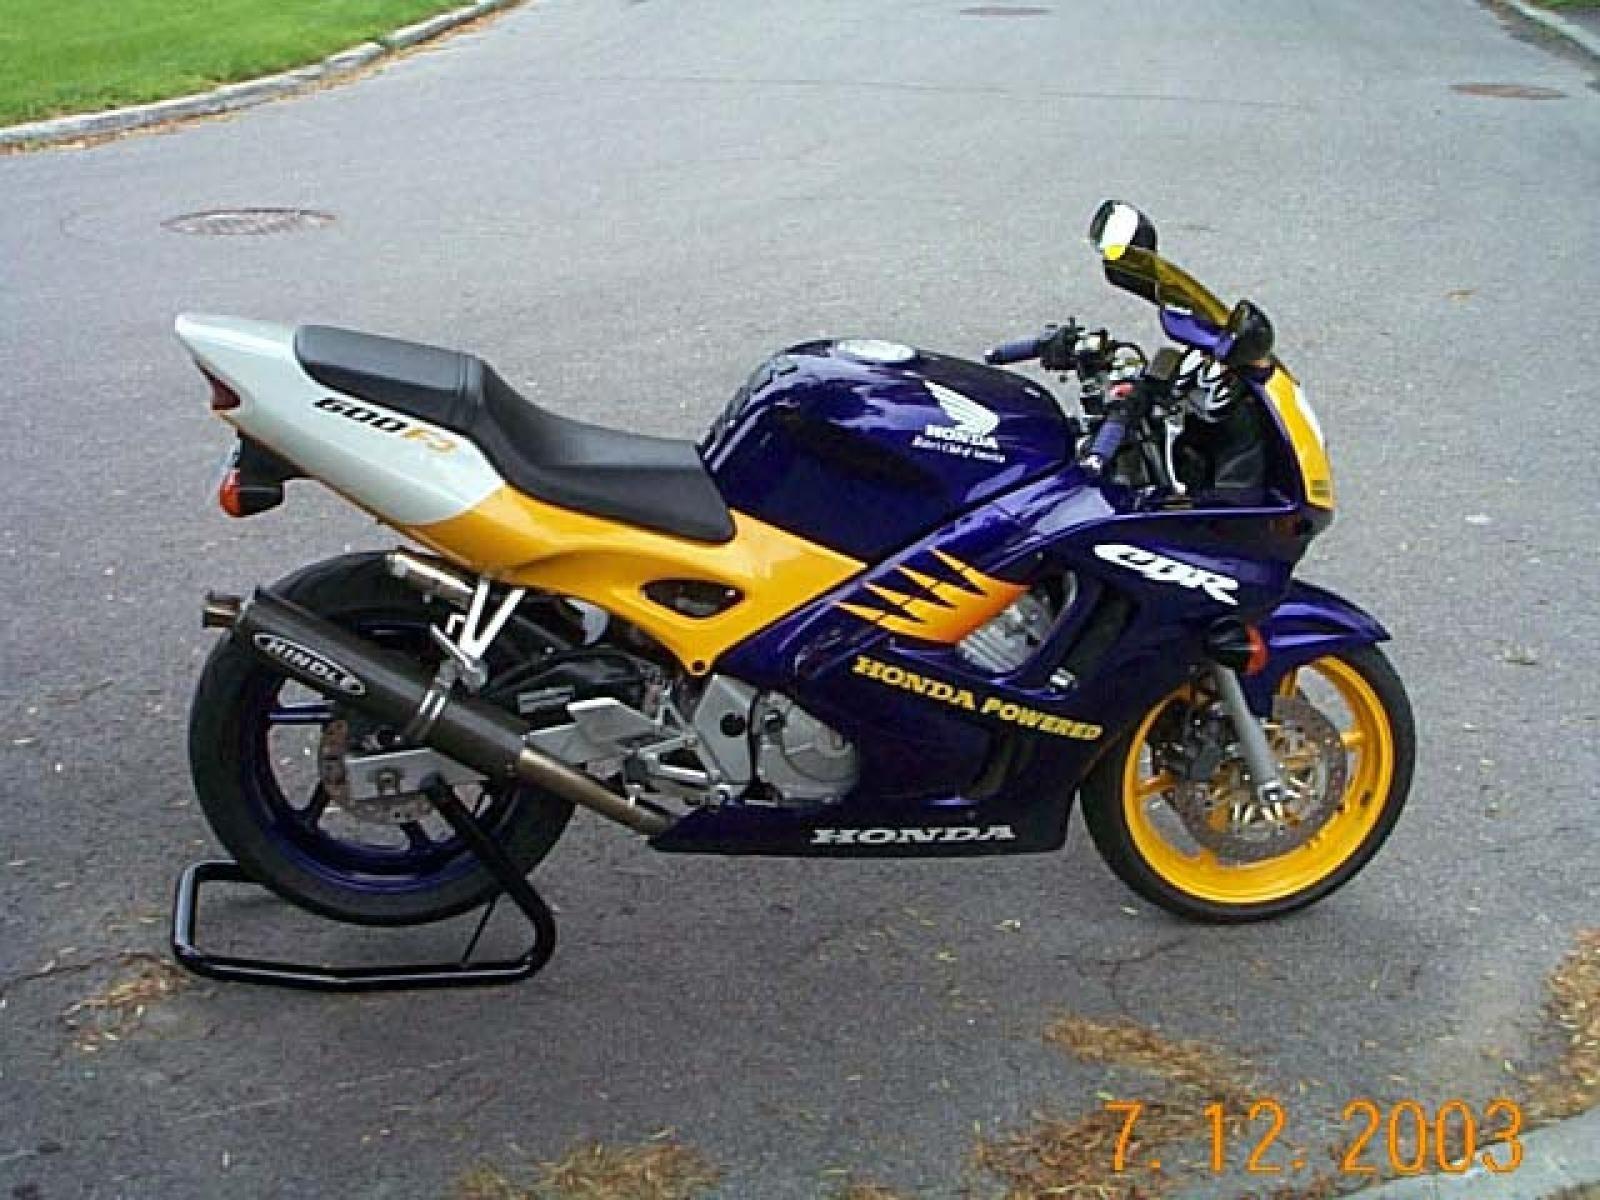 Honda Cbr 600 F3 Honda Cbr Honda Cbr 600 Honda и Repair Manuals